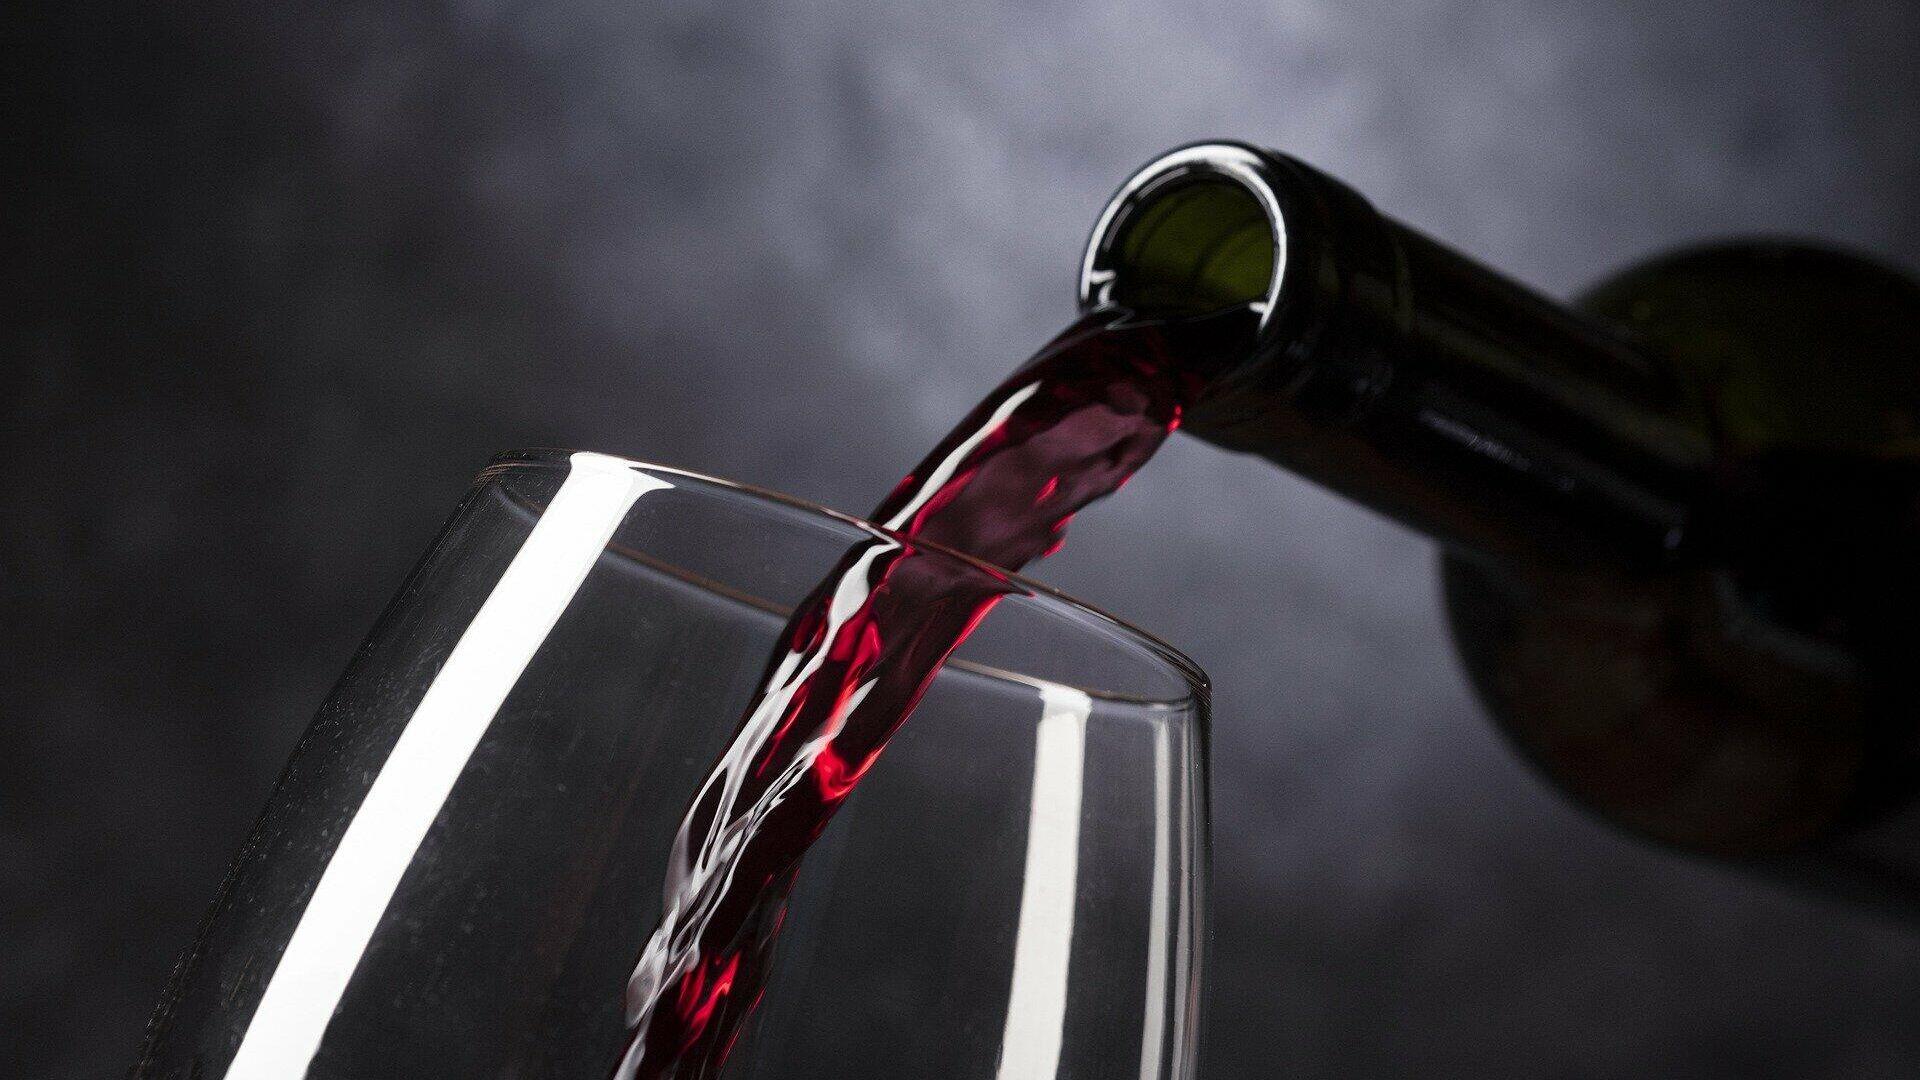 Imagen referencial de una botella de vino  - Sputnik Mundo, 1920, 30.09.2021